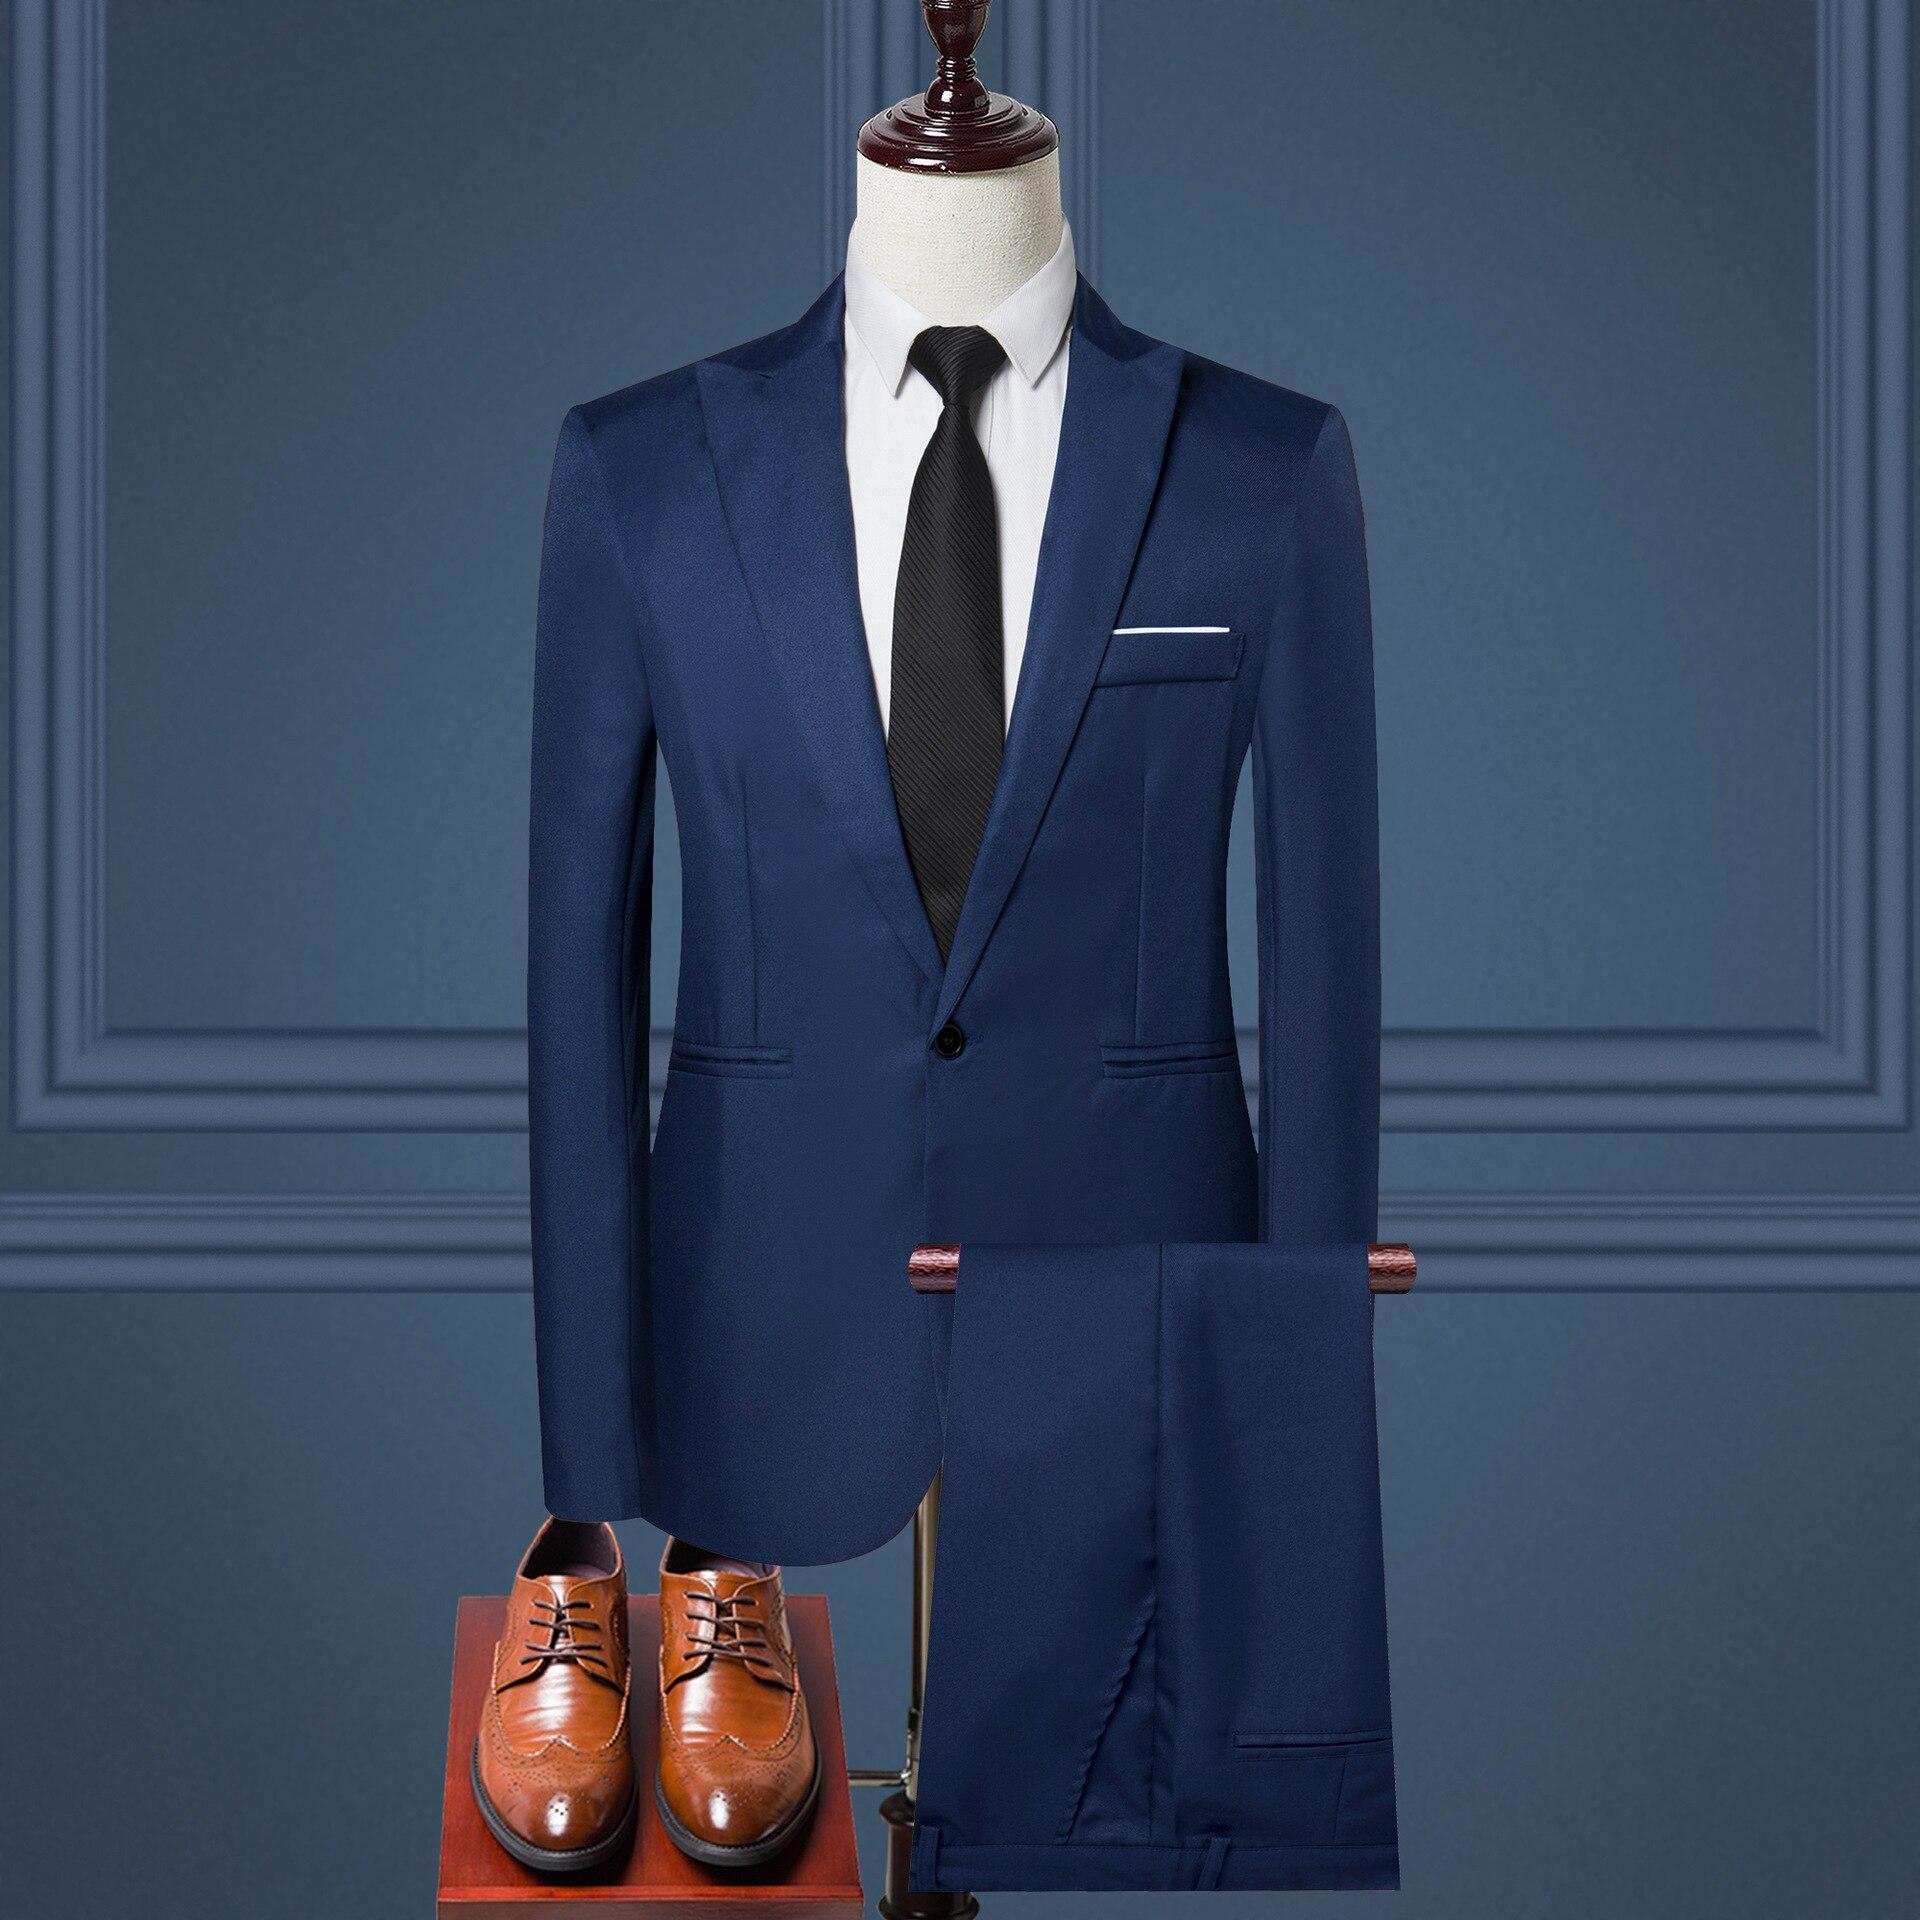 2020 nuevo hombre de talla grande 5XL Blazer Casual Delgado + Pantalones trajes para hombres para oficina de negocios Formal fiesta boda 2 piezas hombre Blazer Set